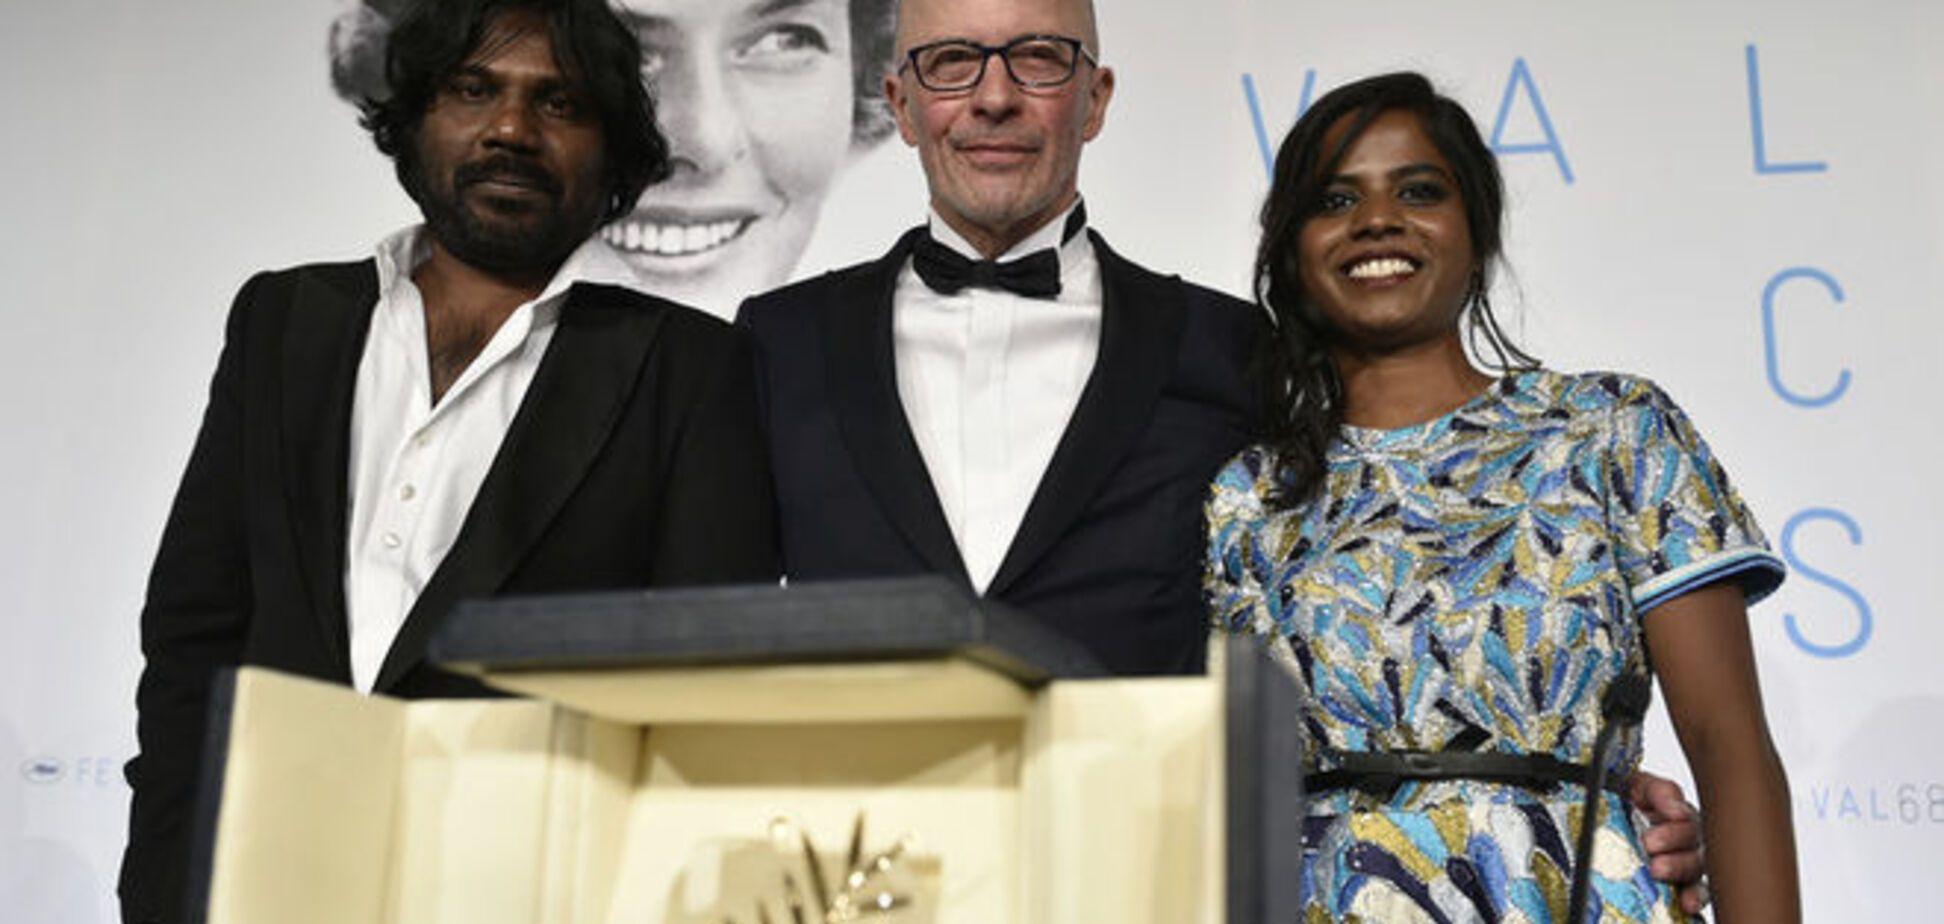 Названы все победители Каннского кинофестиваля